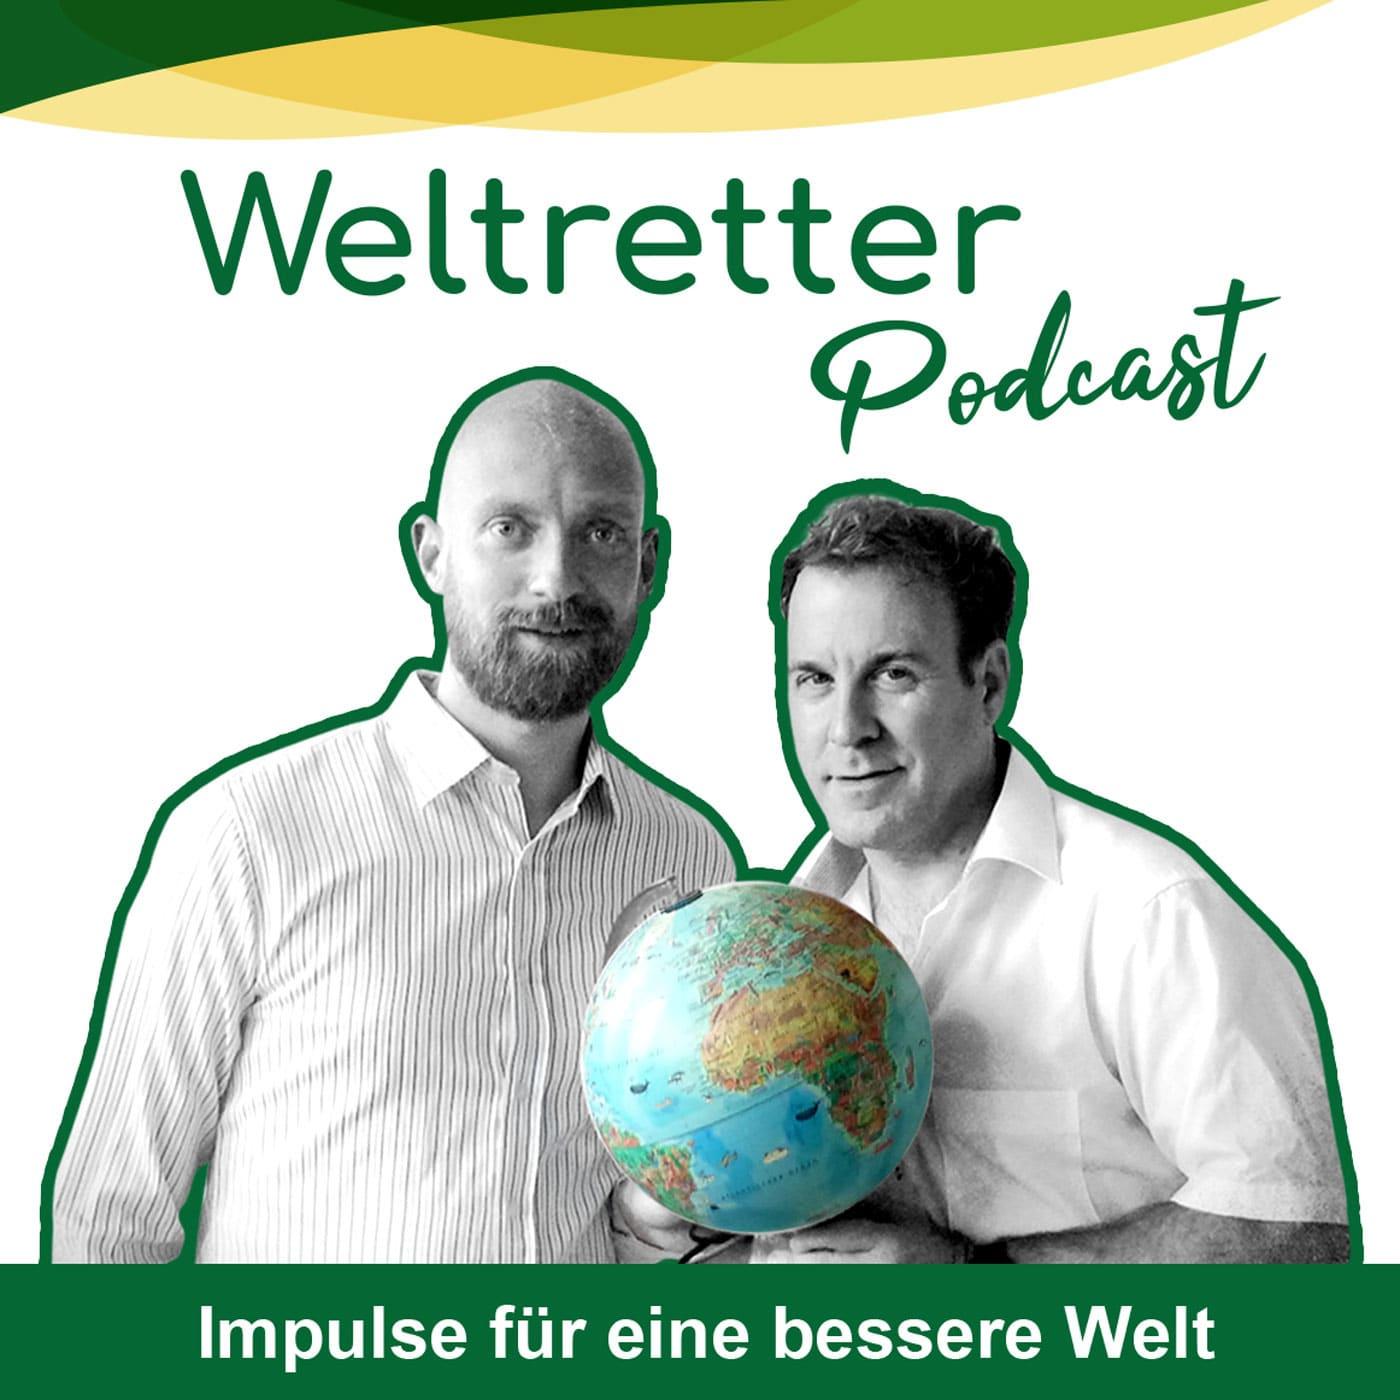 Weltretter Podcast von Stephan Landsiedel und Ferdinand Plietz